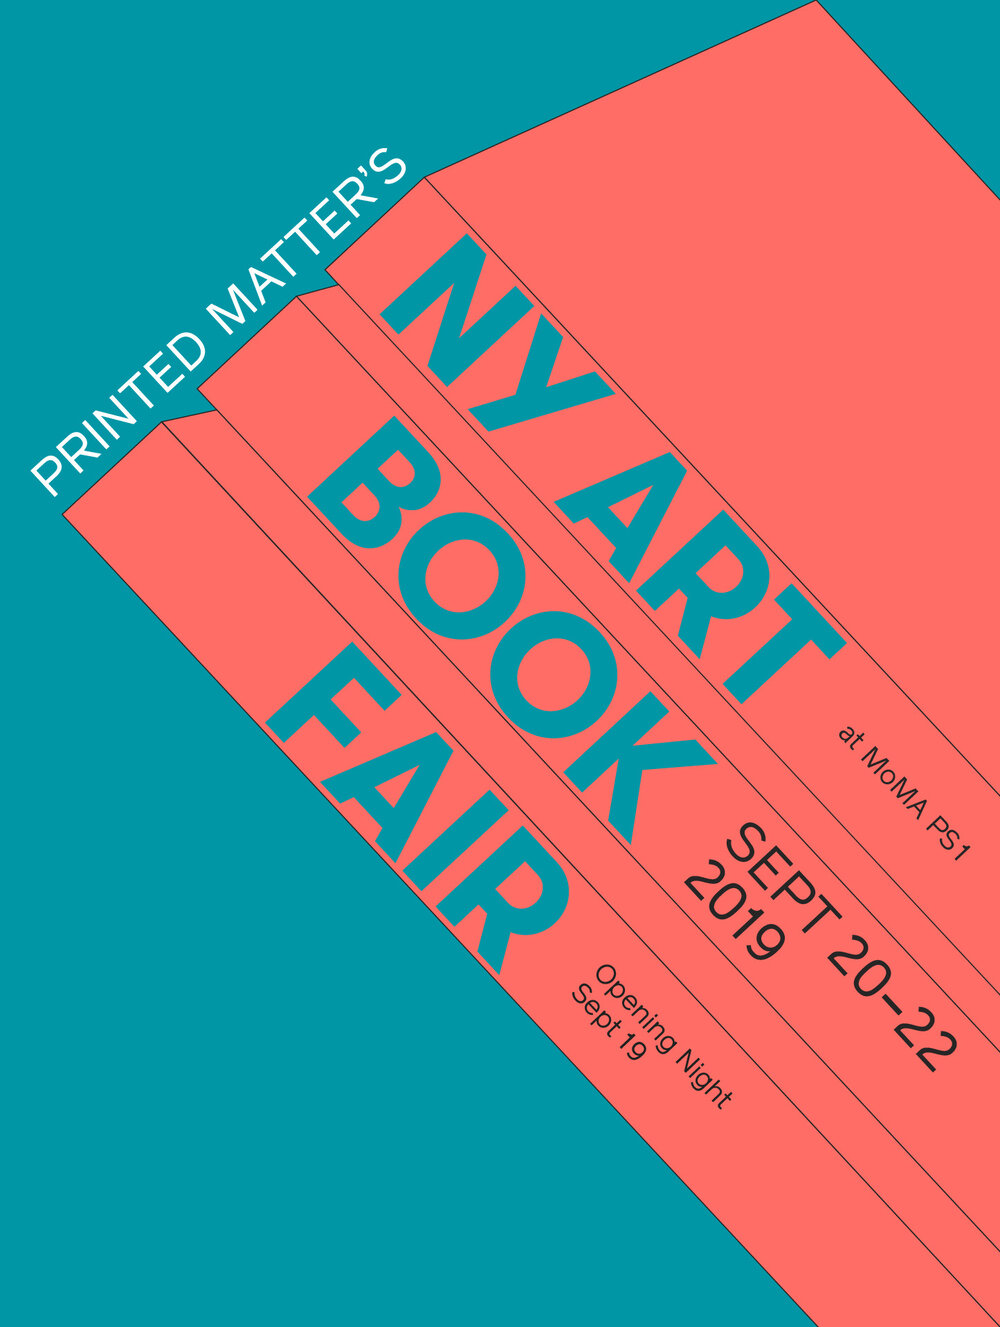 Printed Matter's NY Art Book Fair at MoMA PS1, September 20-22, 2019. Opening night September 19.